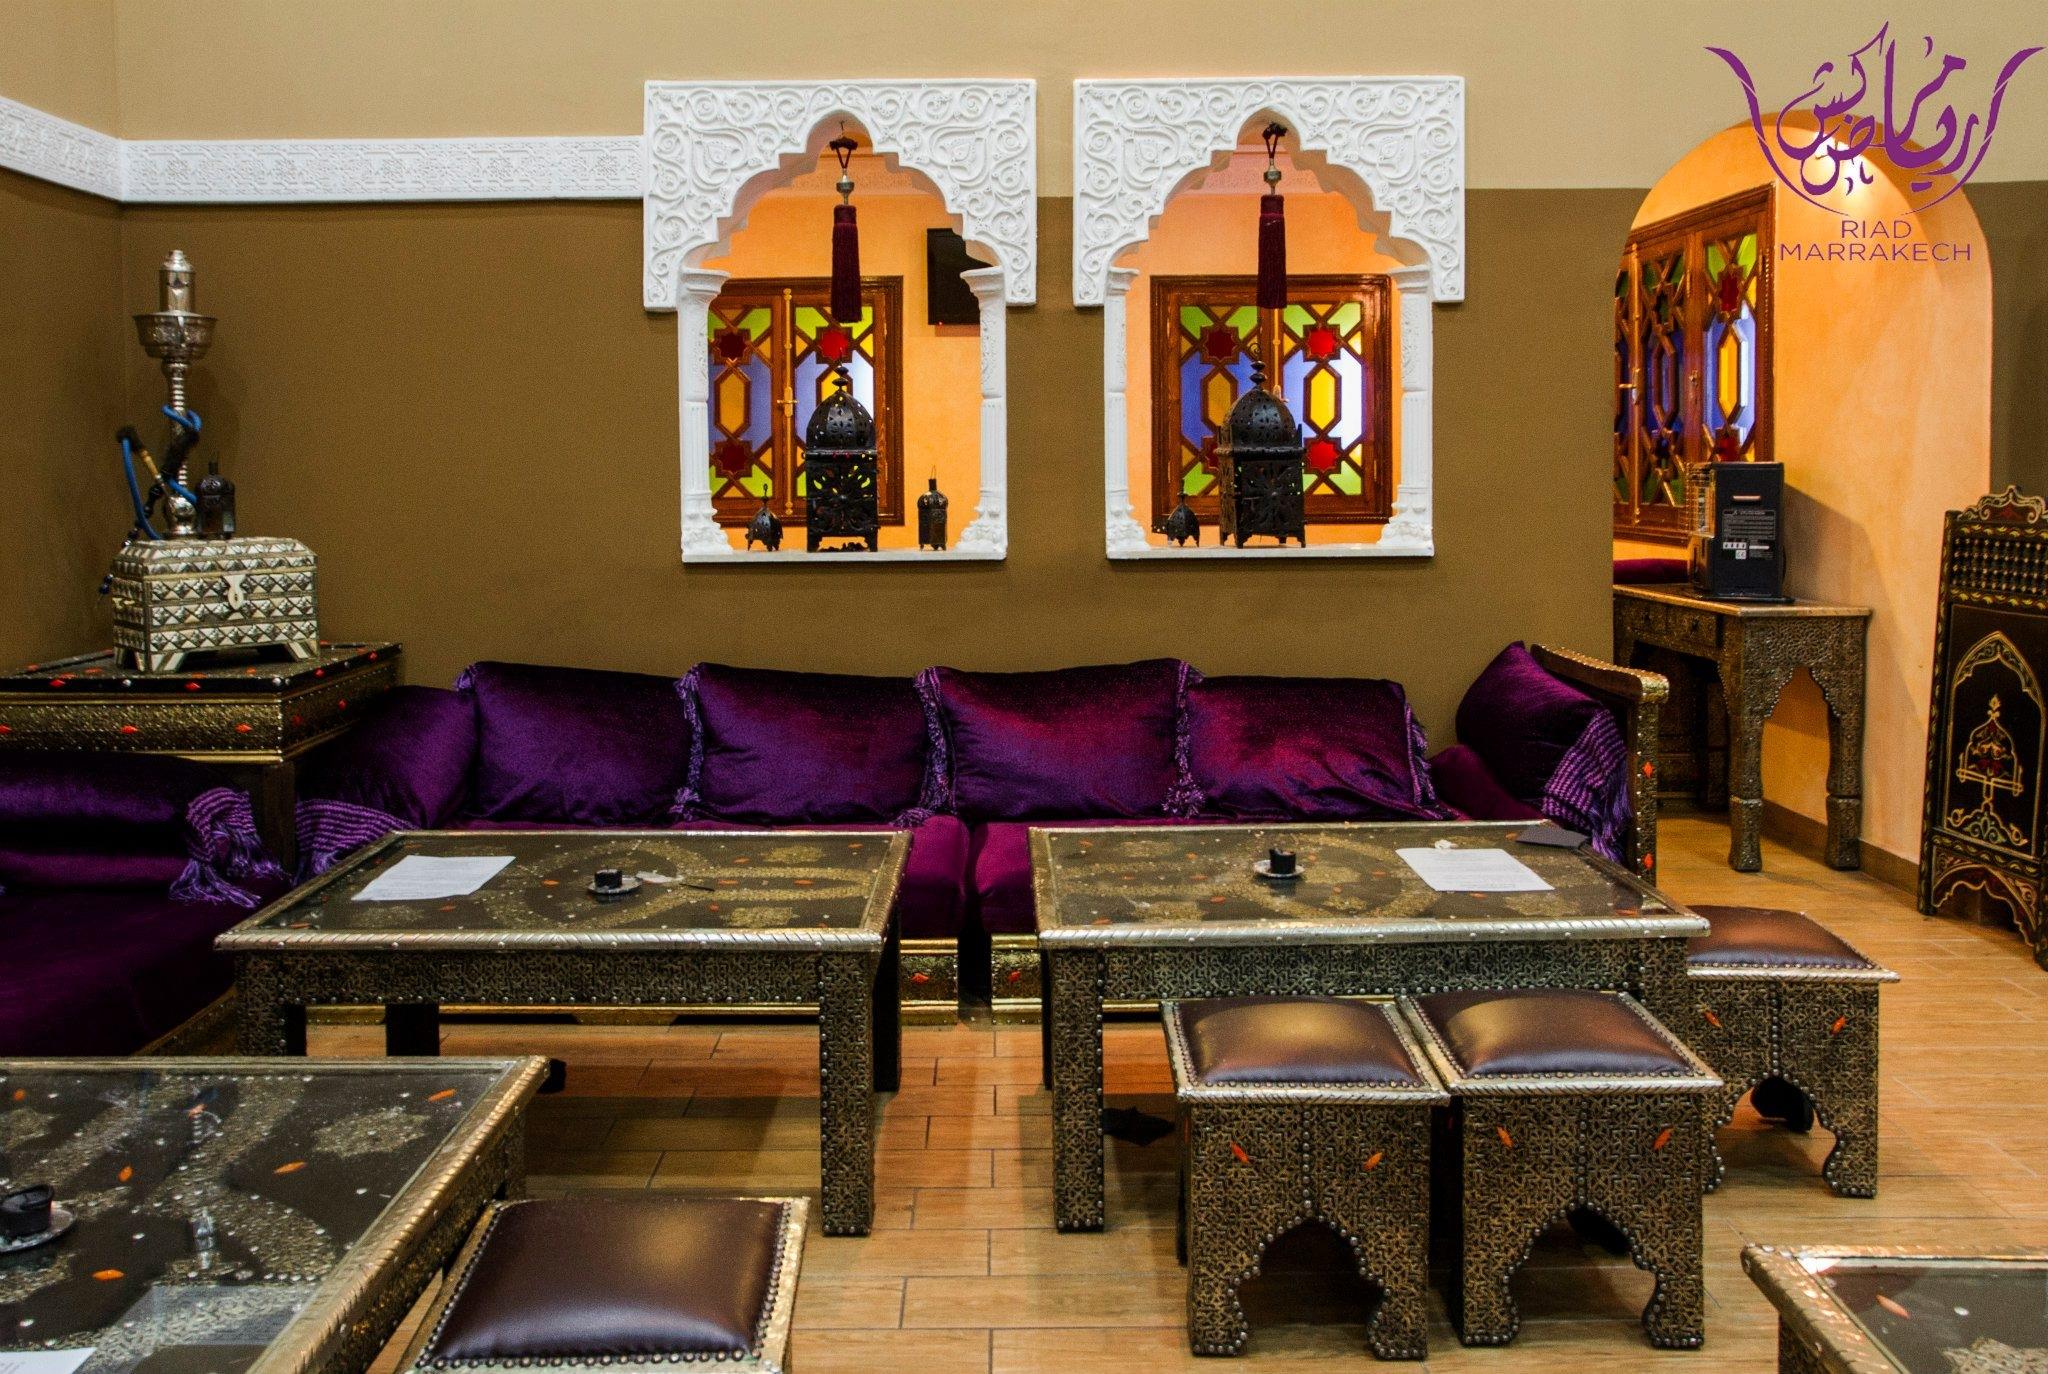 Cucina araba marocchina milano ristoranti milano - Cucina molecolare milano ...